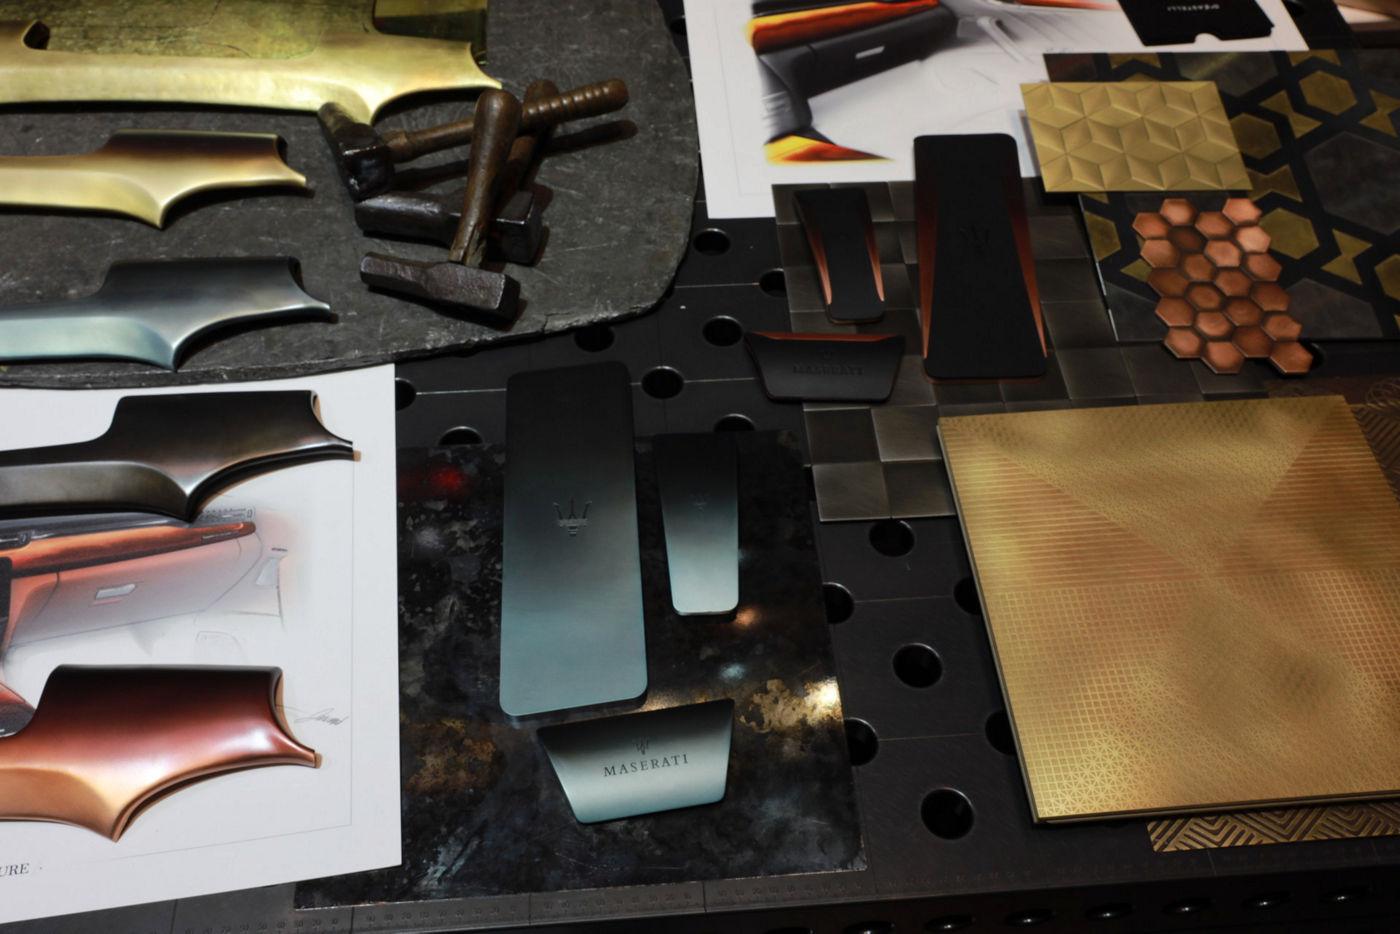 Maserati Crafting Italian Experiences: Metallverarbeitung im Showroom De Castelli